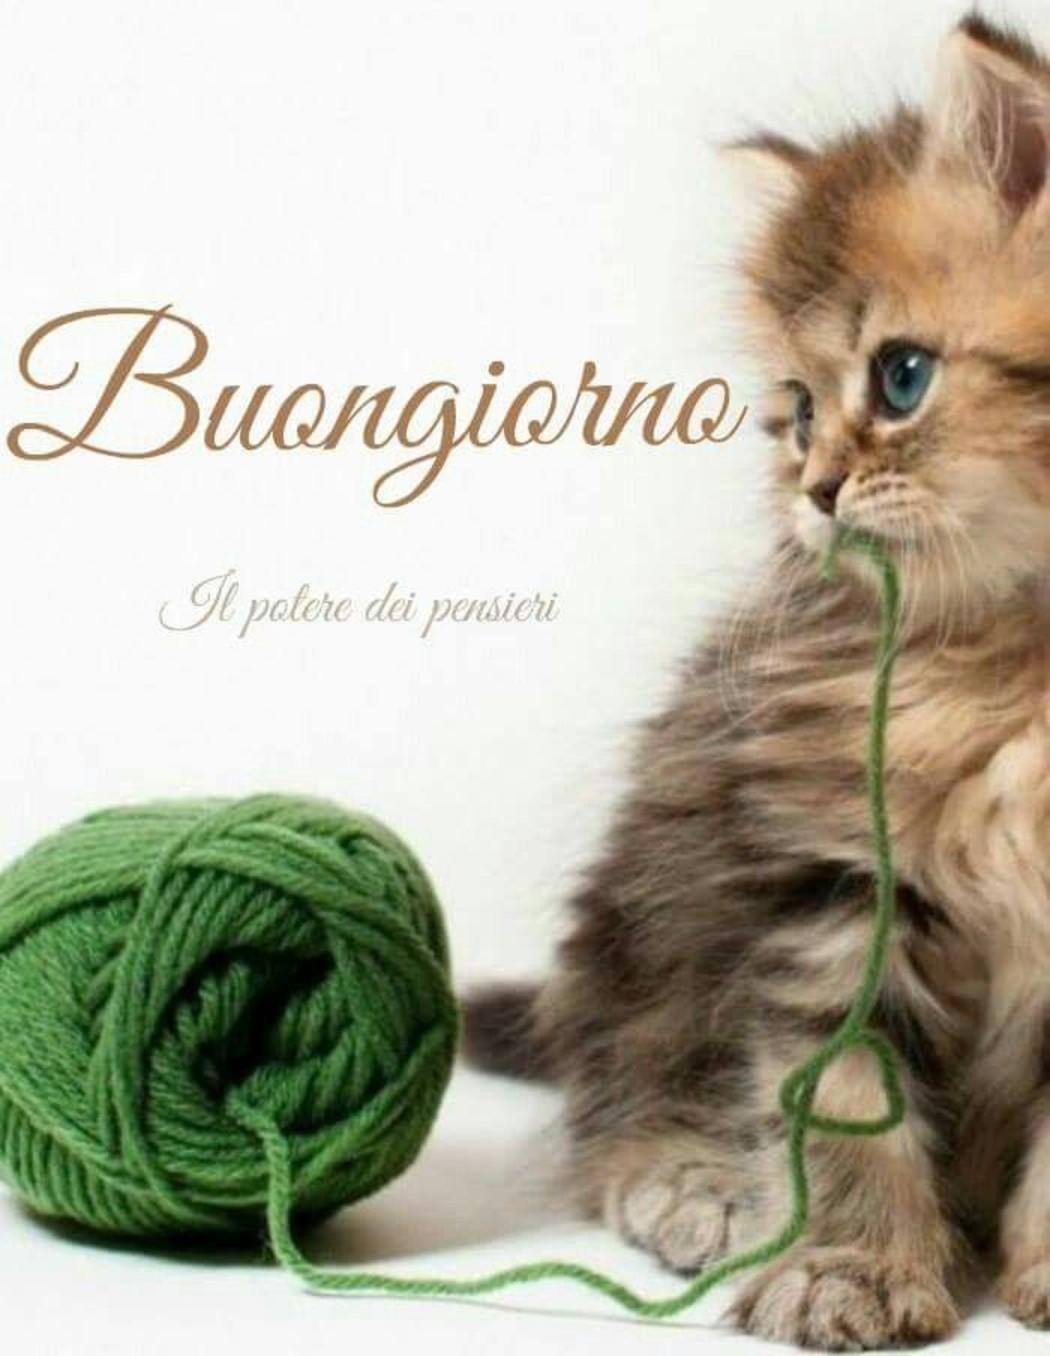 Immagini buongiorno gatti da condividere archives for Buongiorno con gattini